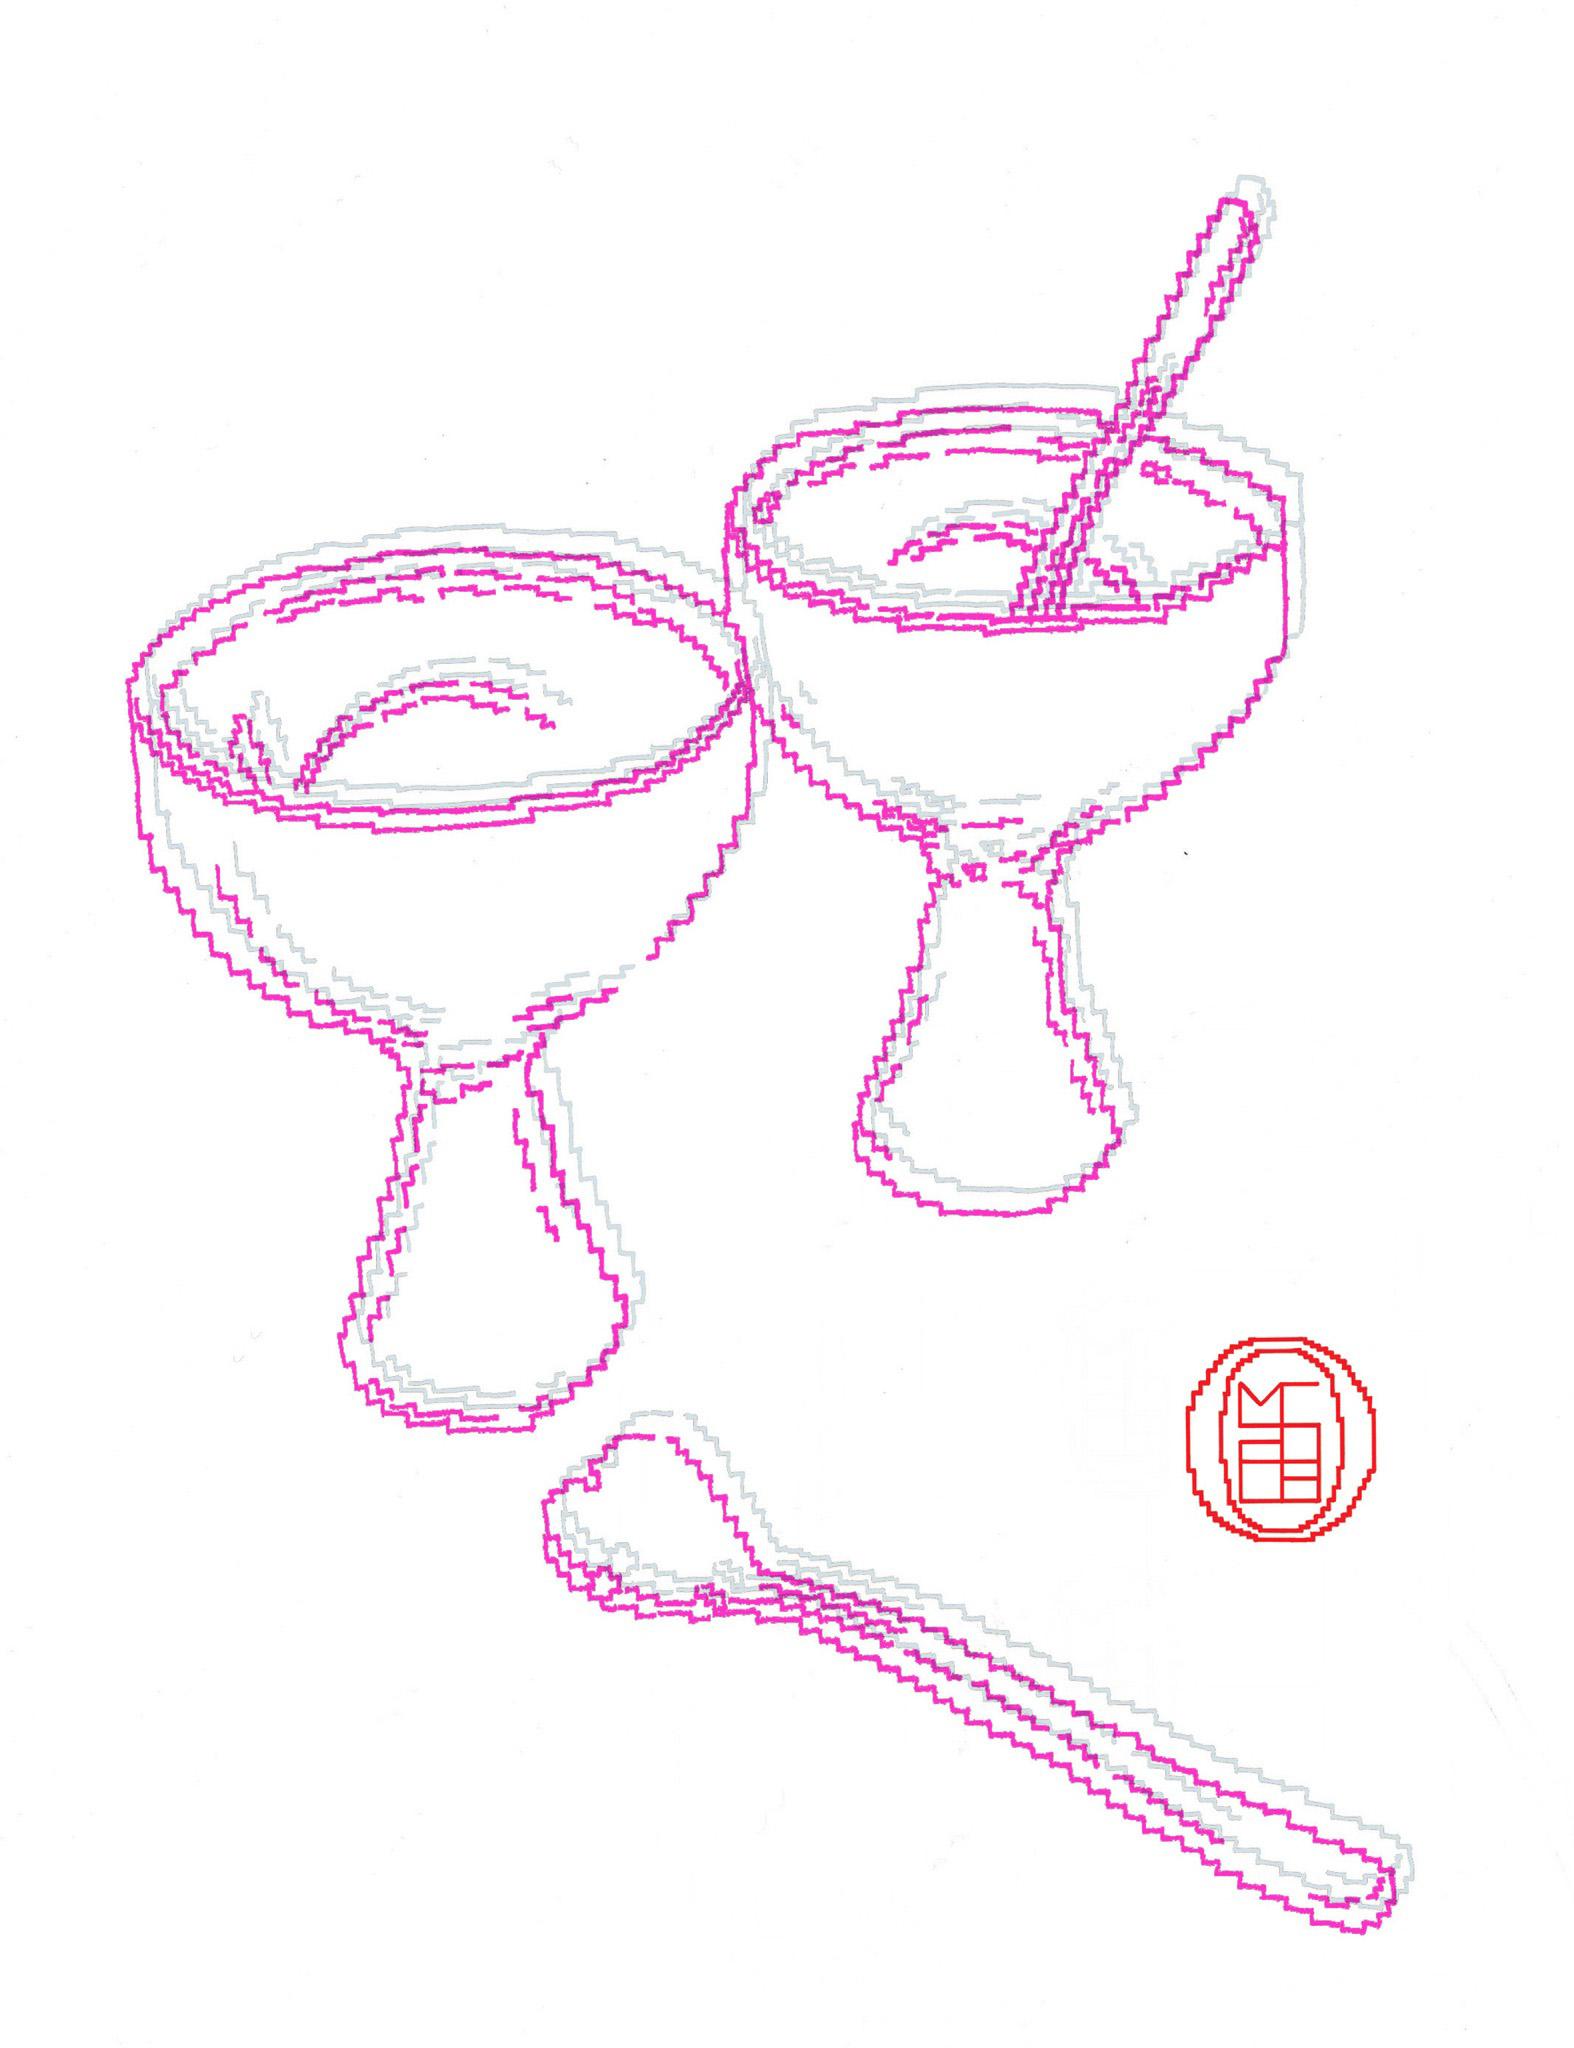 Michele Chiossi You & me, 2003 smalti, poliestere A4 disegno zigzag dipinto gelato Alessi Natura Morta coppe cucchiaino cuore